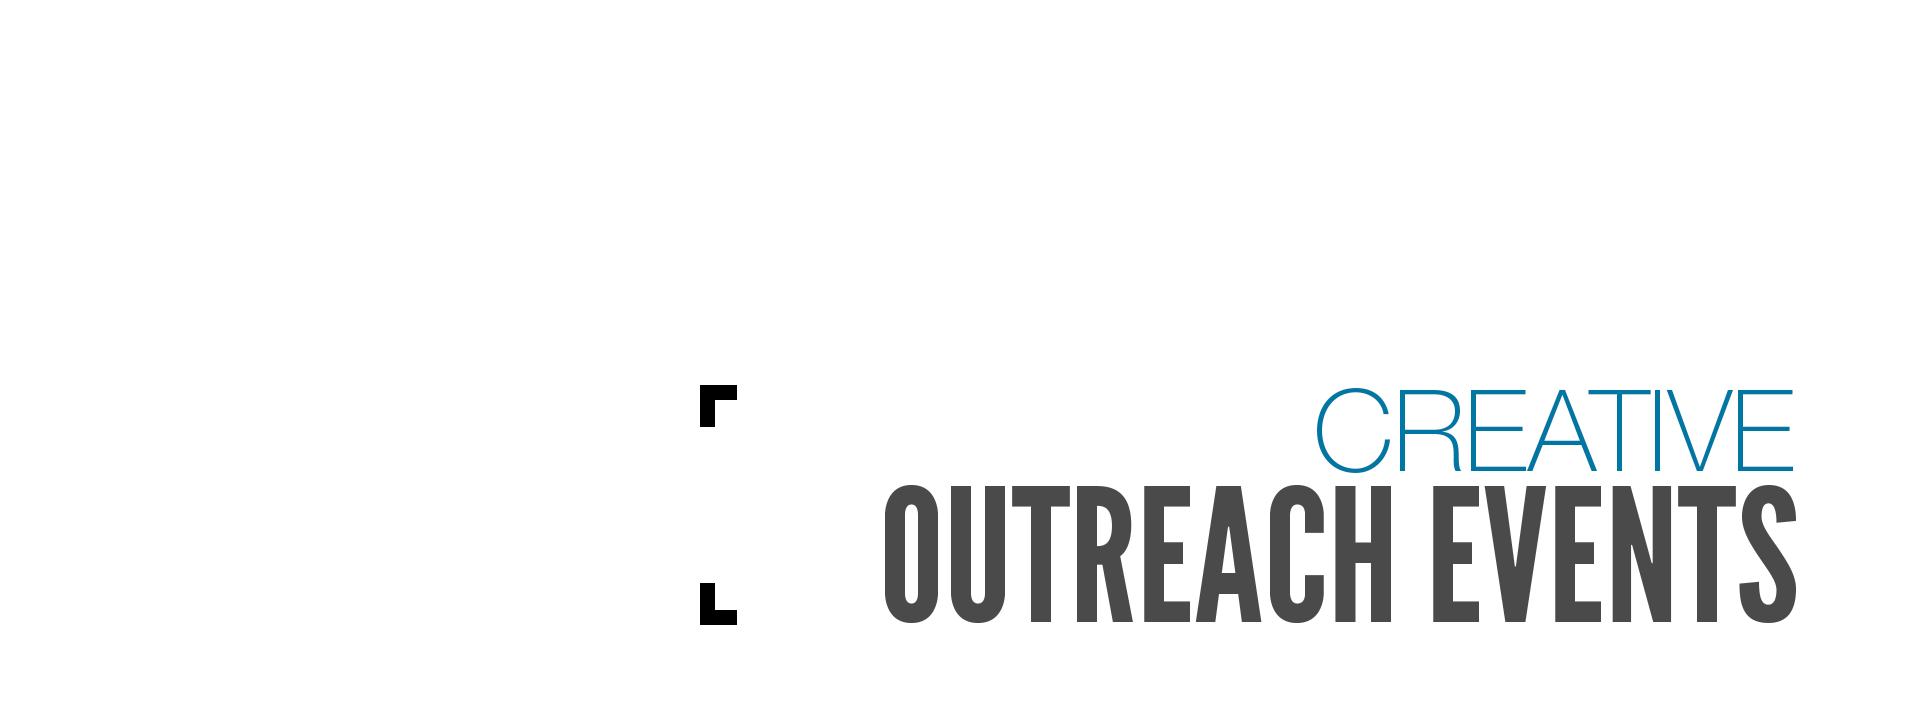 Creative Outreach